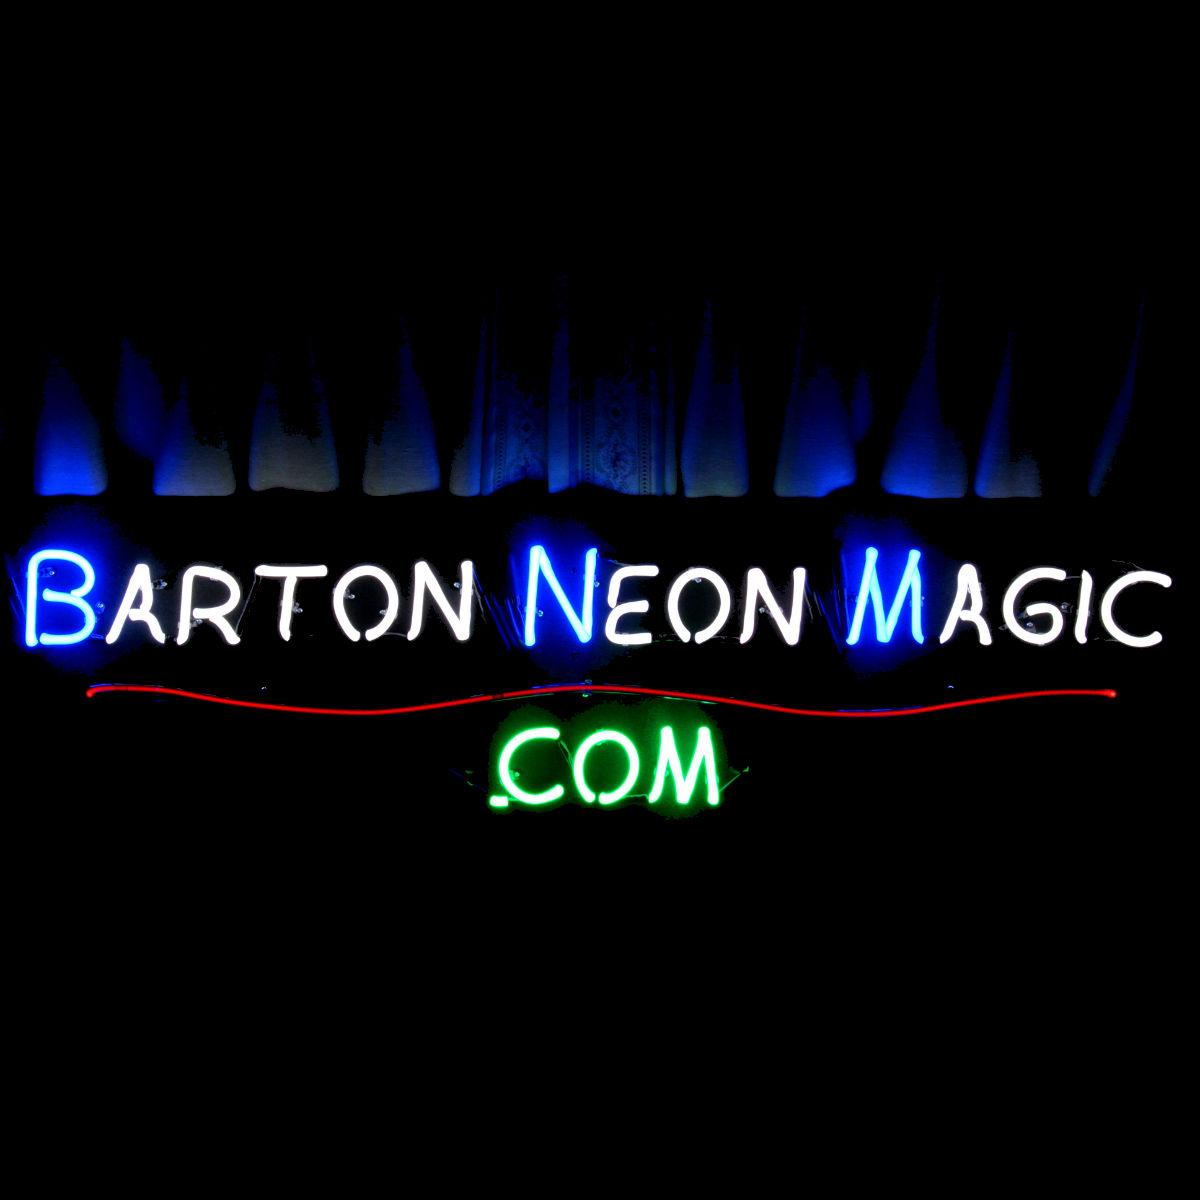 Packard Neon Signs hand-blown by John Barton - former Packard New Car Dealer - BartonNeonMagic.com